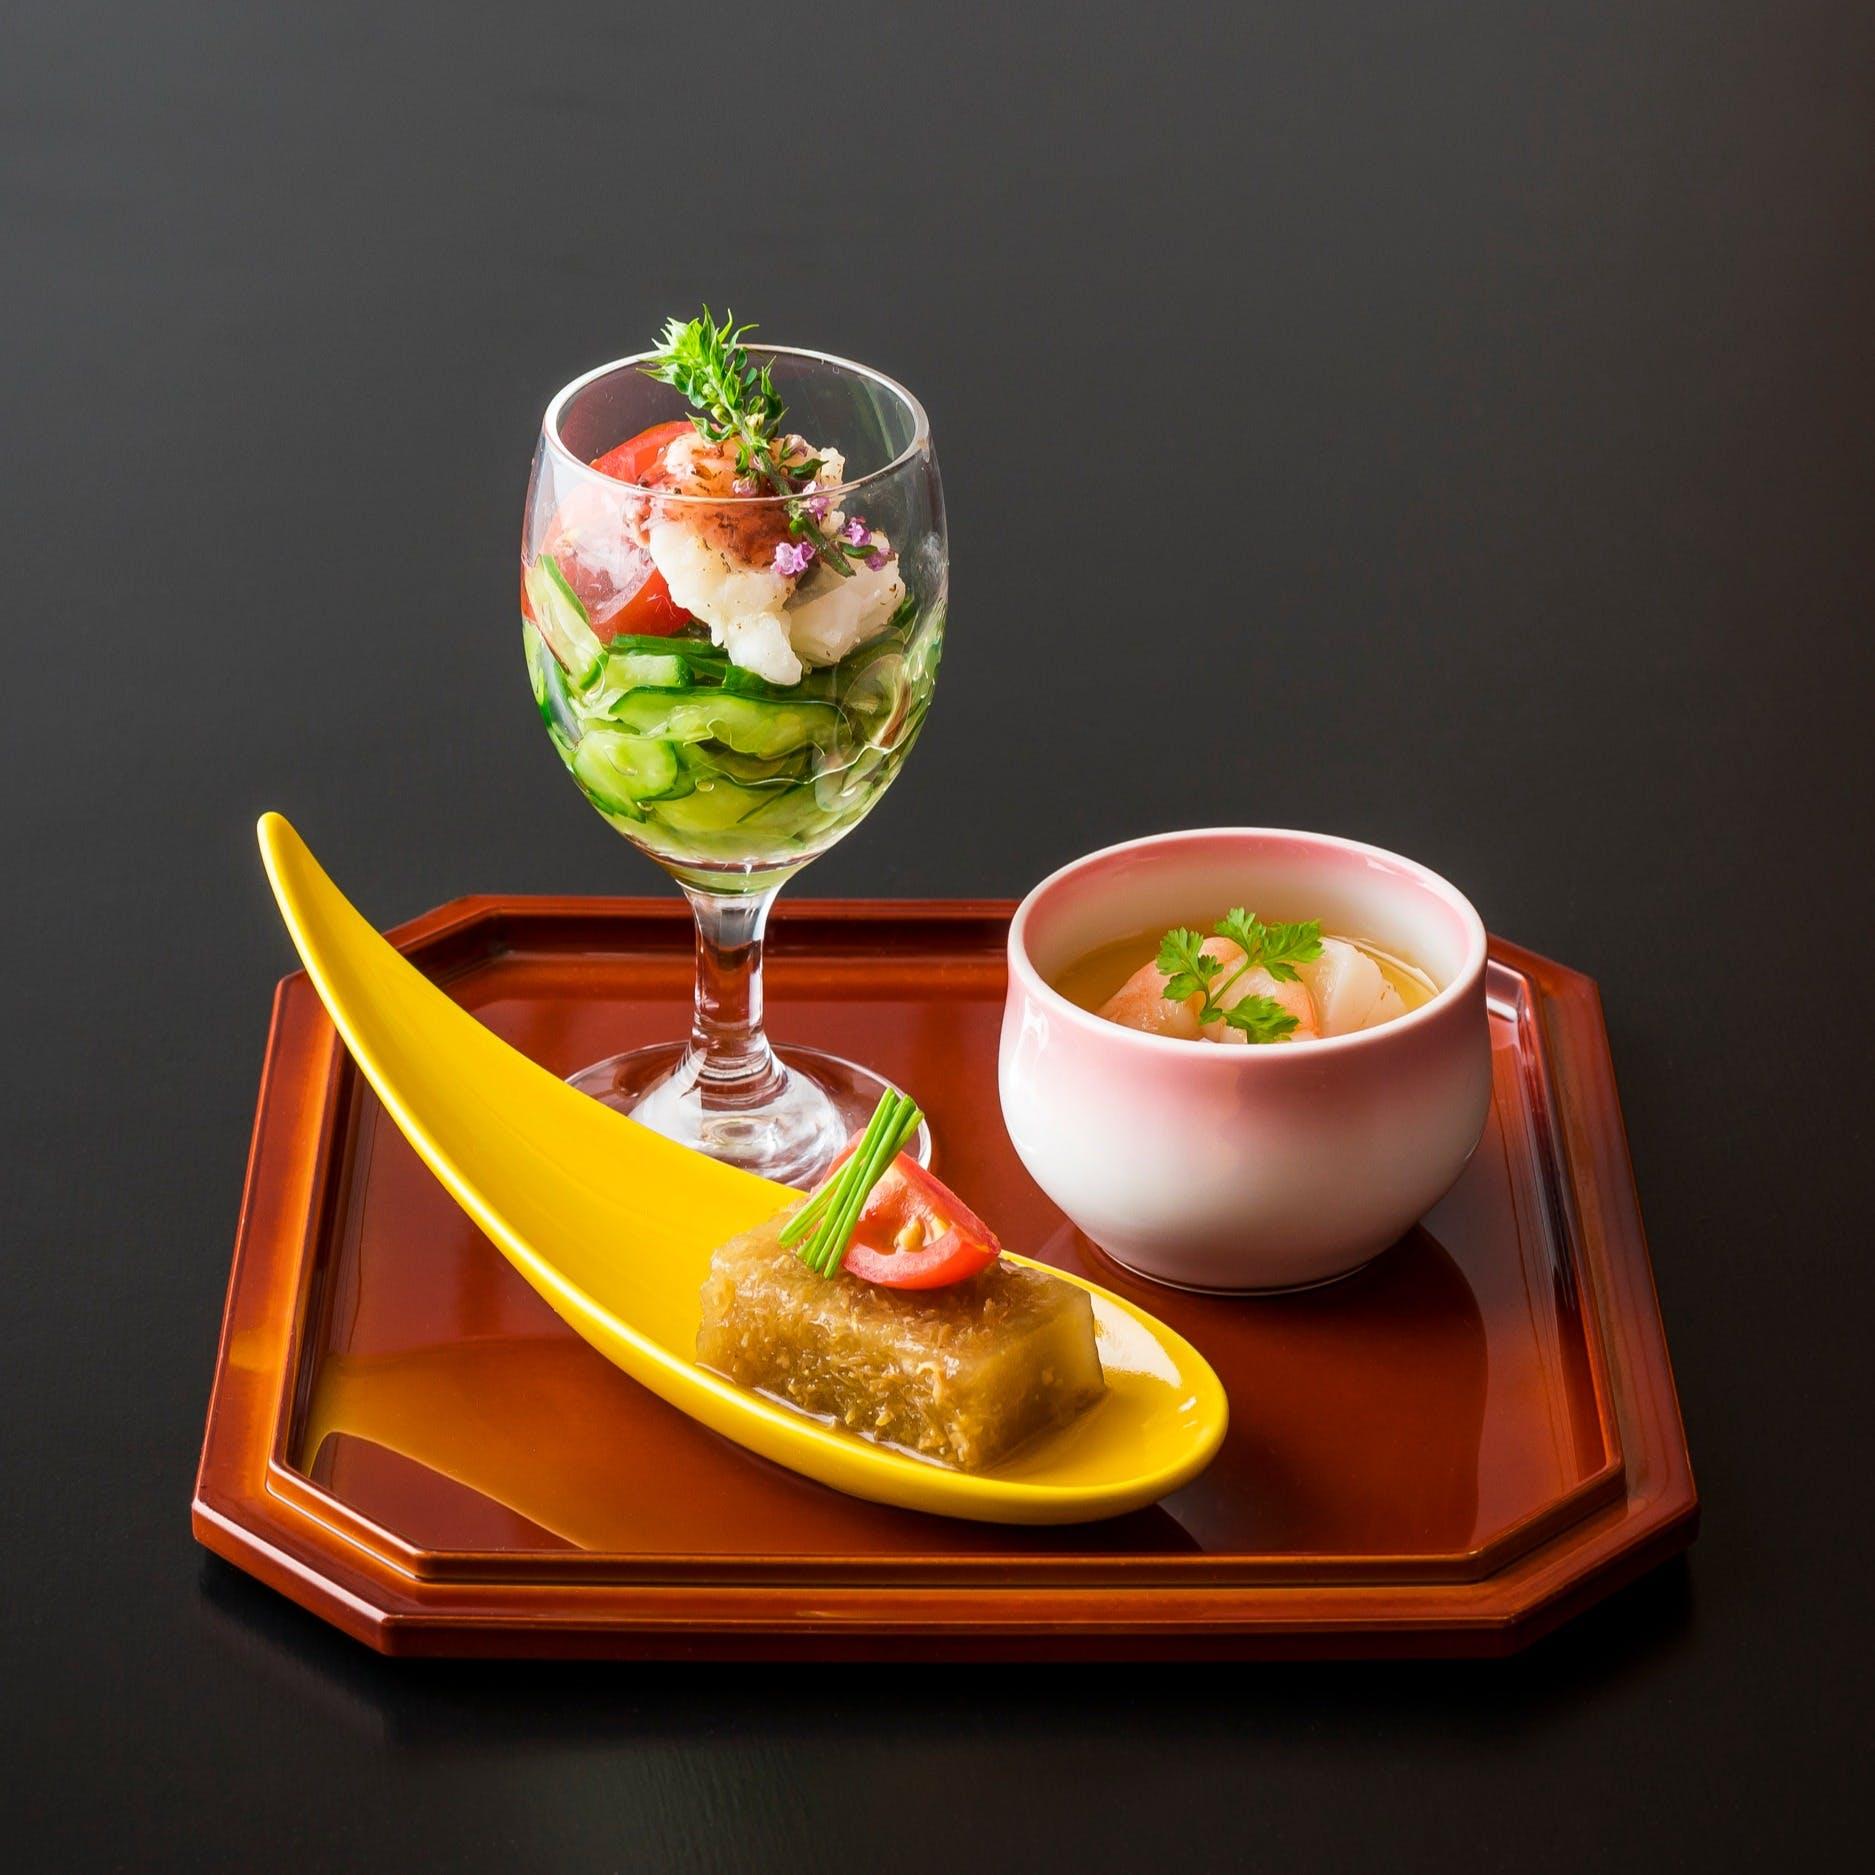 新しい形の日本料理を追求する萌木のランチ